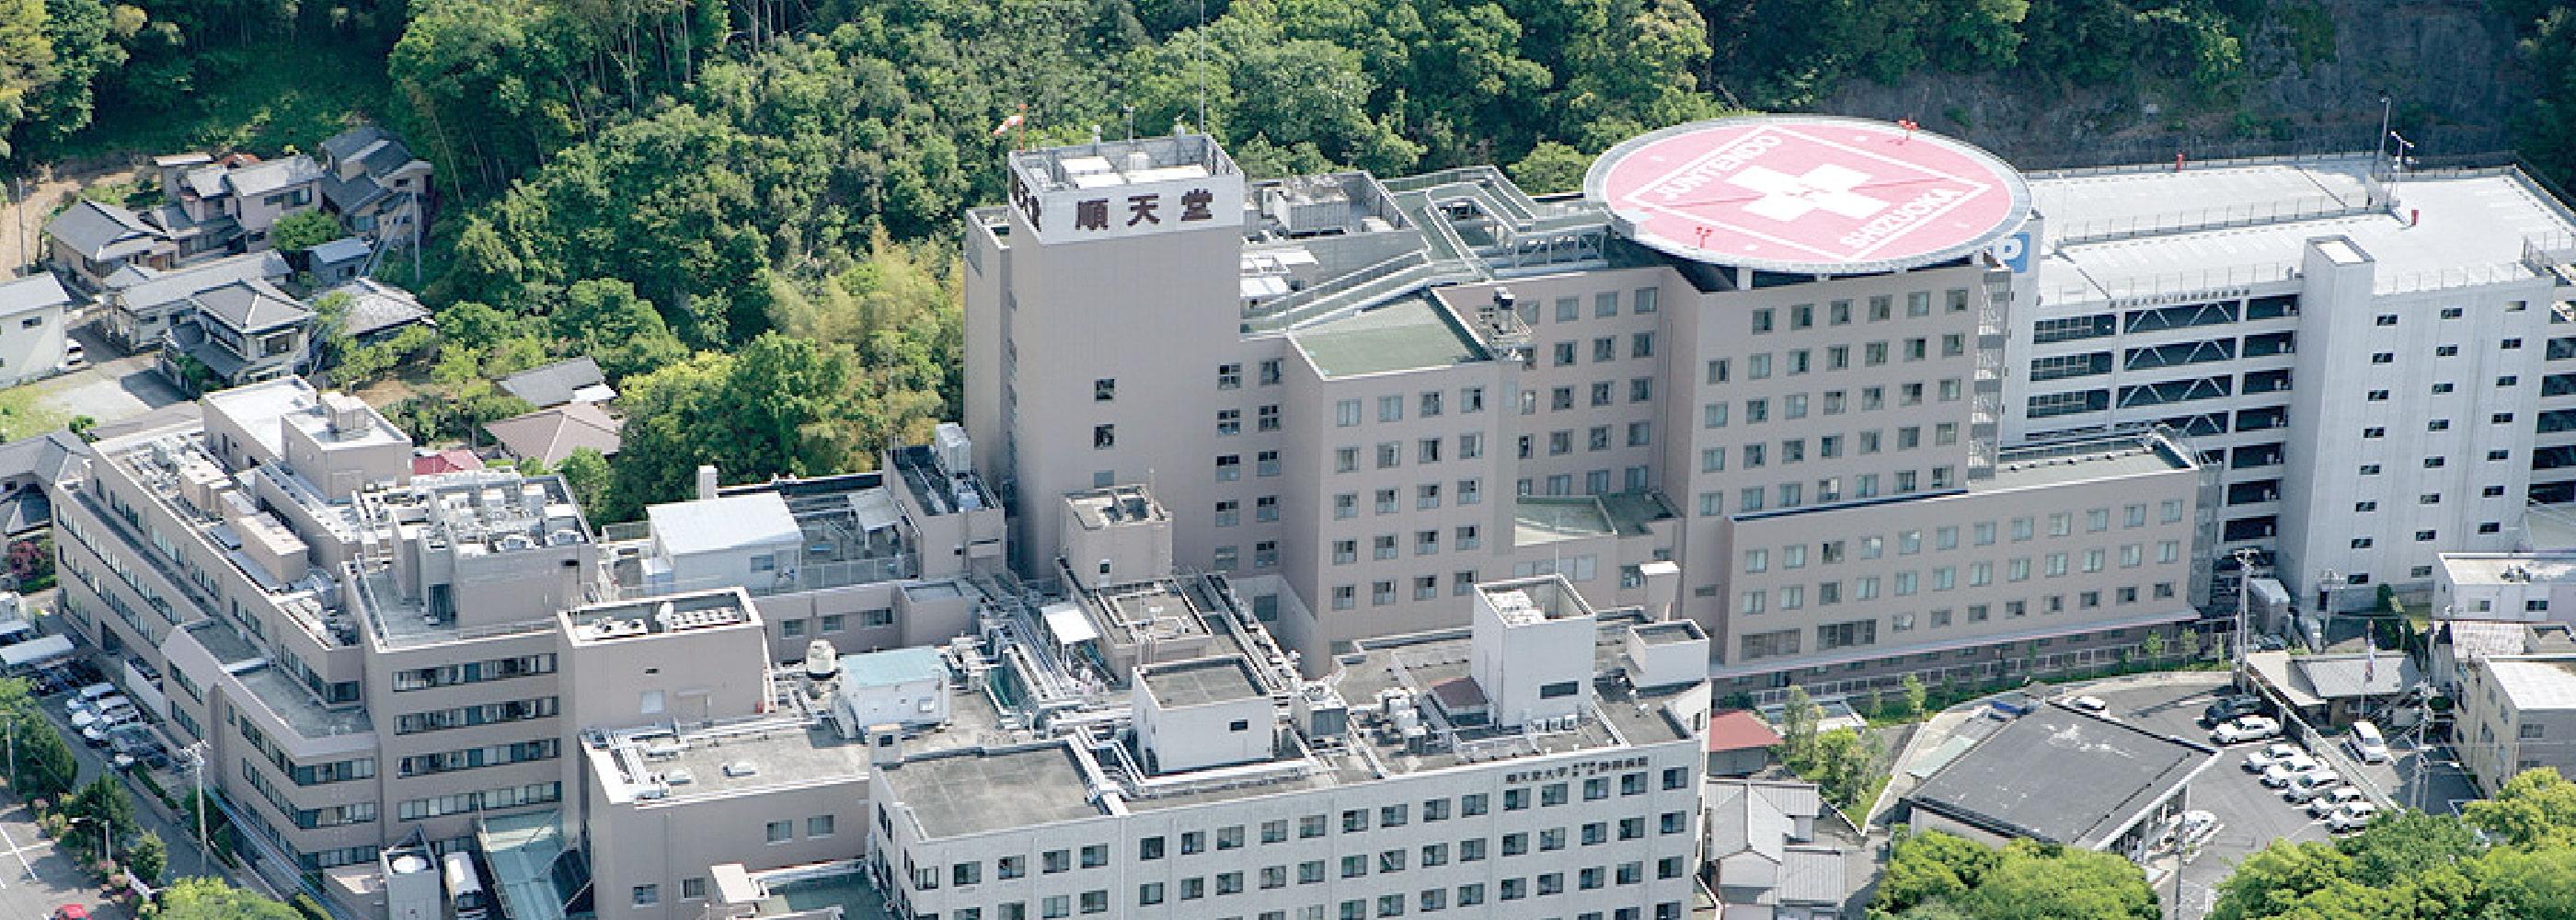 順天堂大学医学部附属静岡病院様の写真